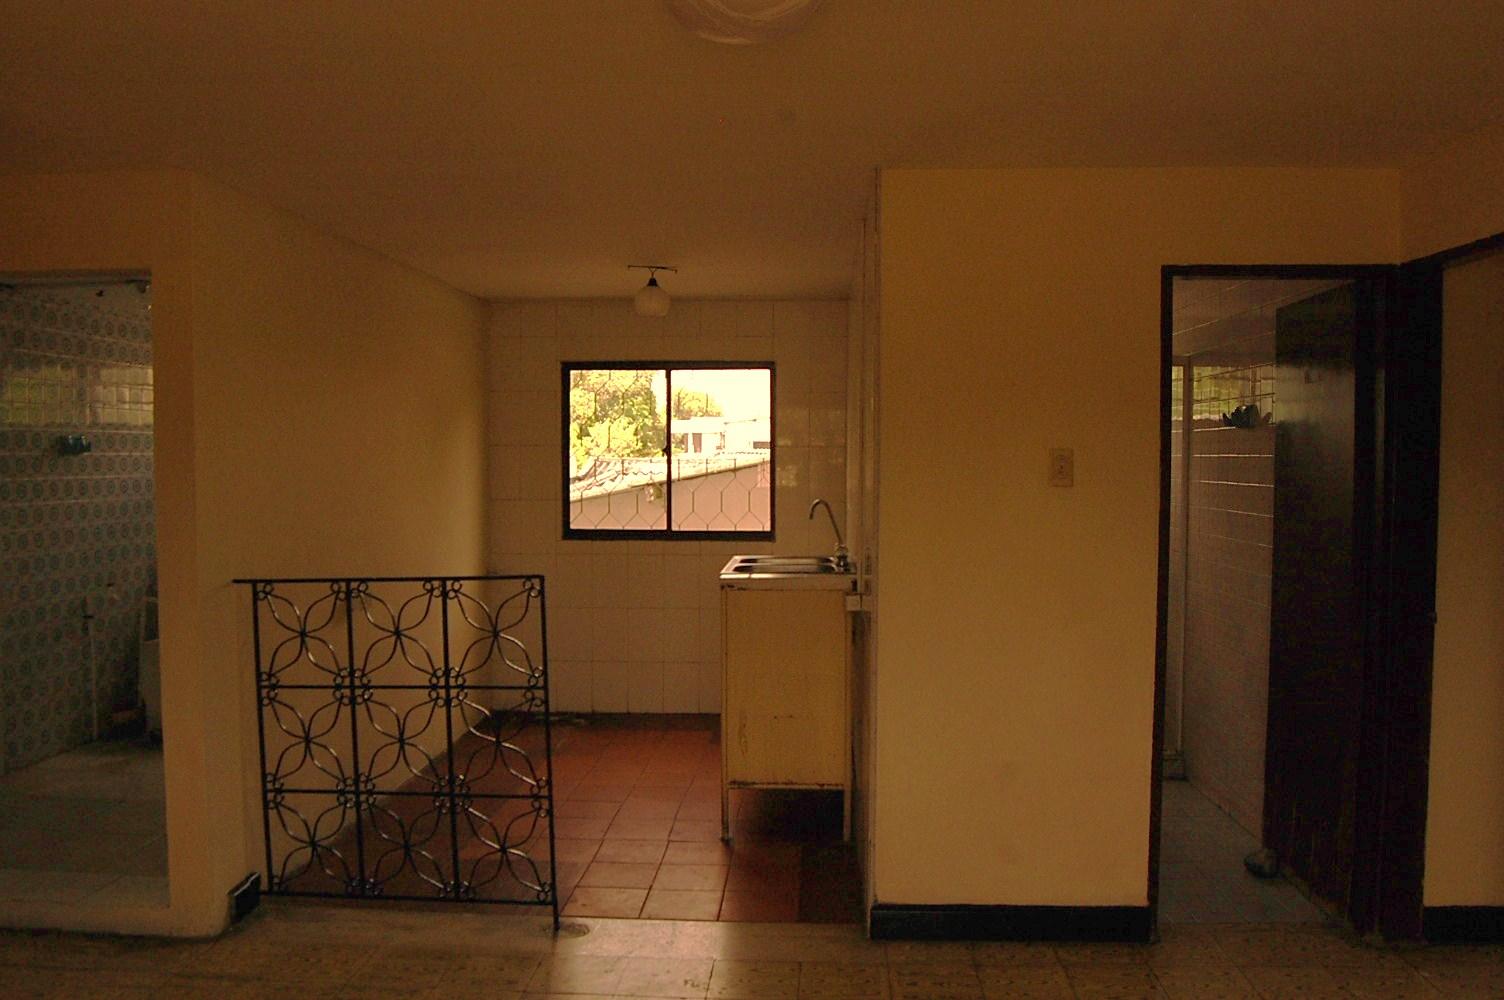 Seven dksa cocina segundo piso for Cocina y lavanderia juntas